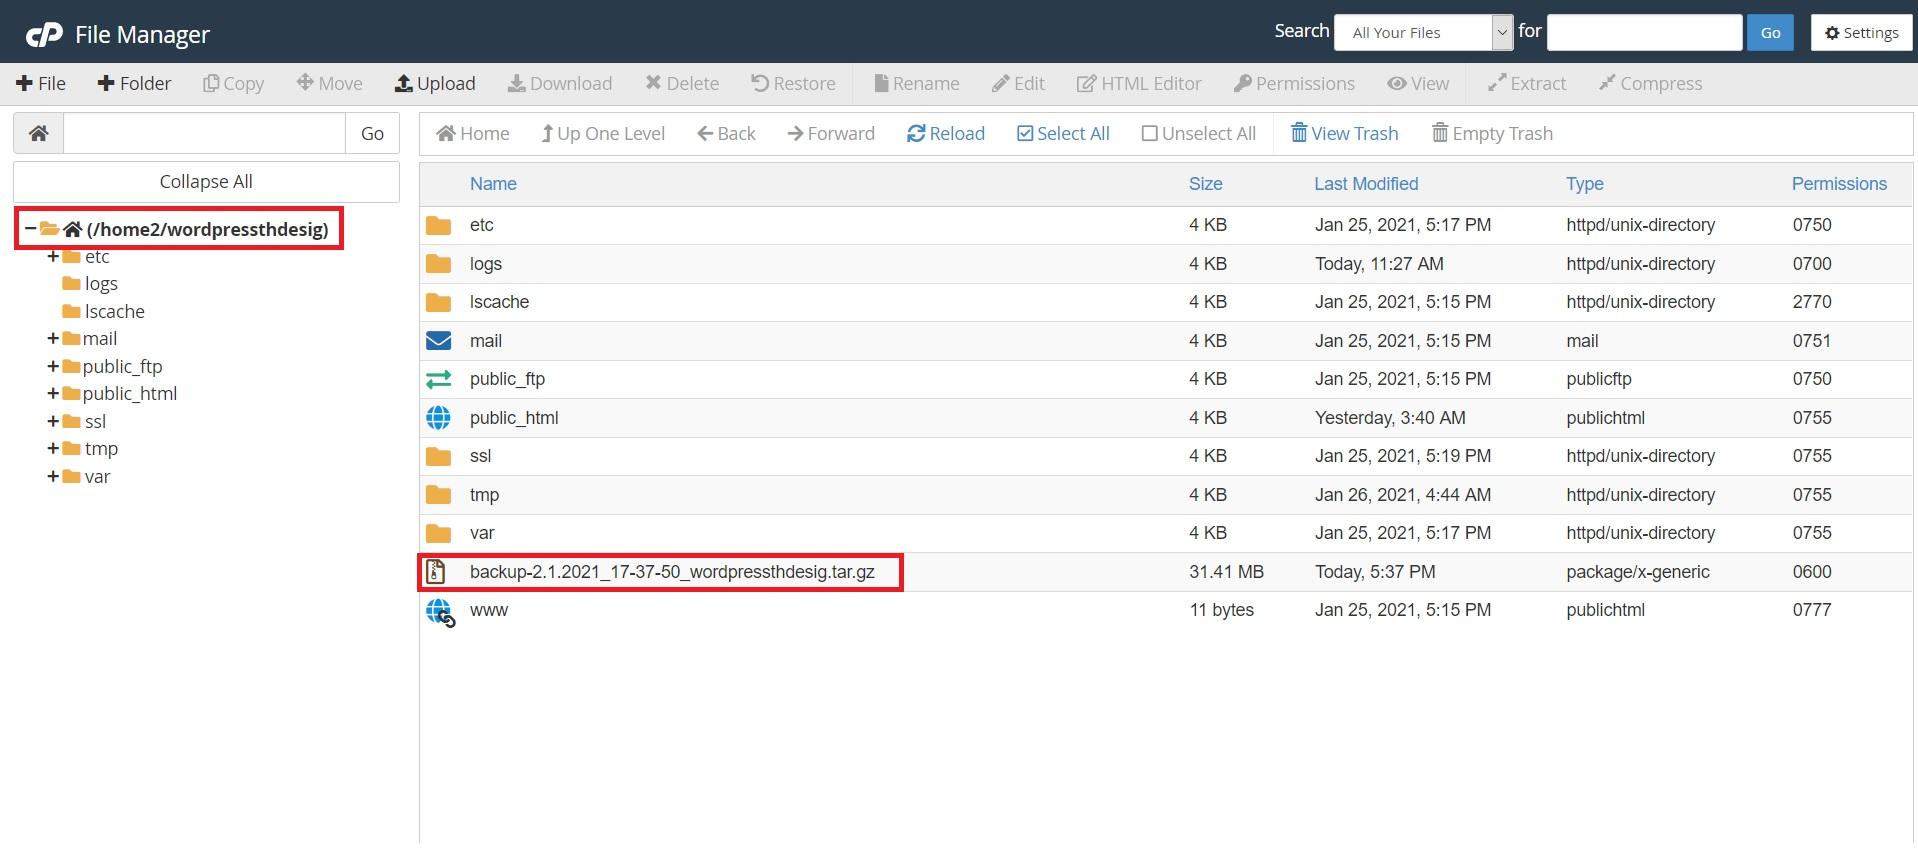 دانلود فول بکاپ در مدیریت فایل هاست سی پنل